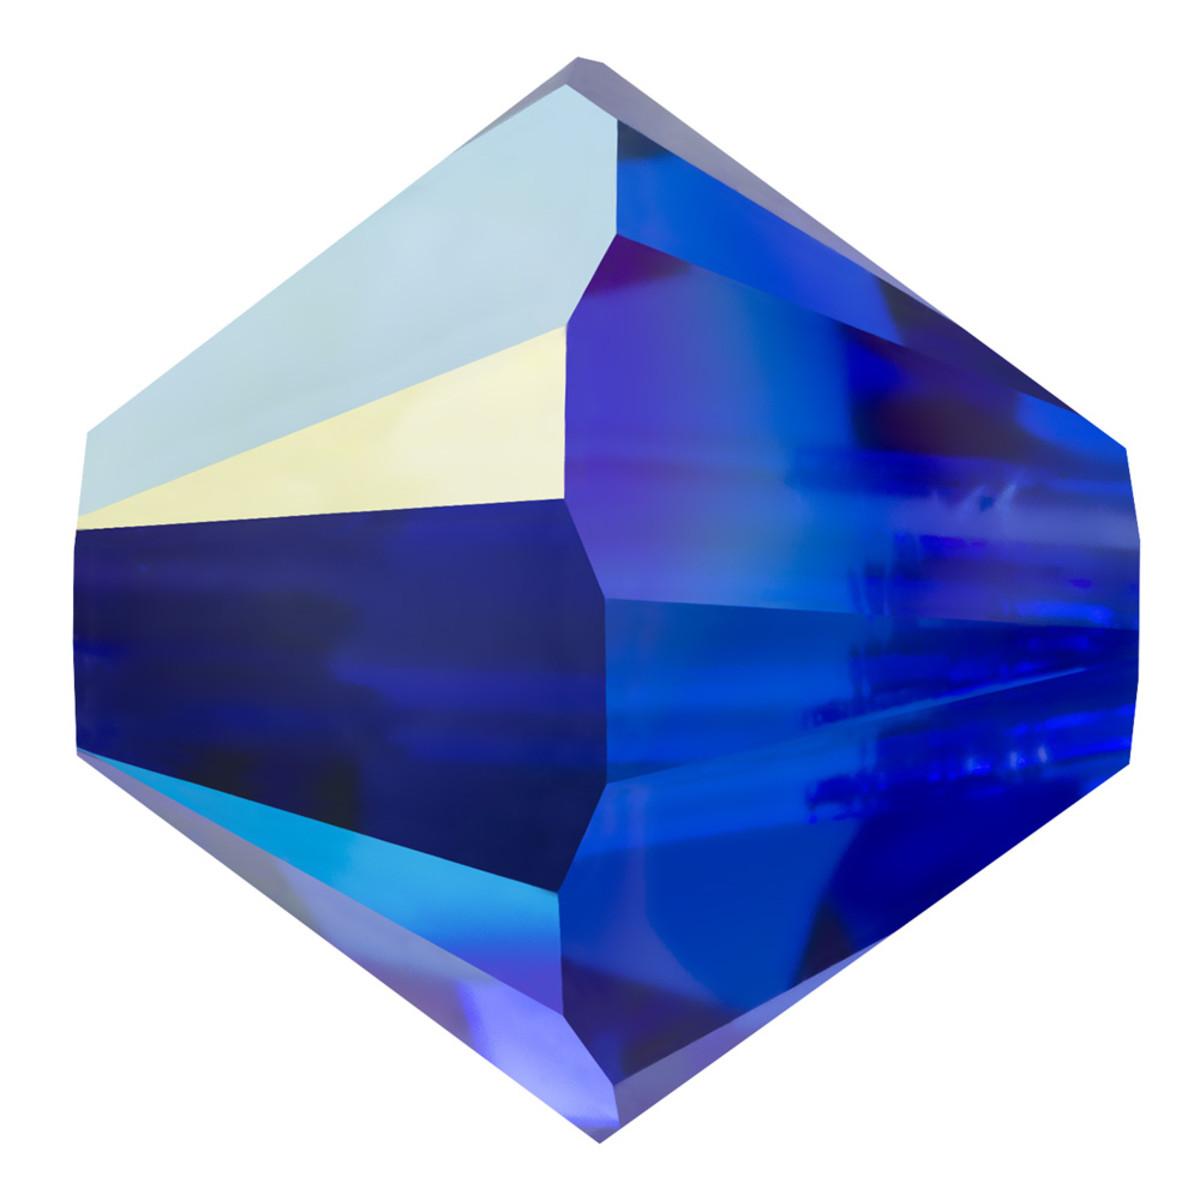 Swarovski Elements Perlen Bicones 4mm Majestic Blue AB beschichtet 50 Stück